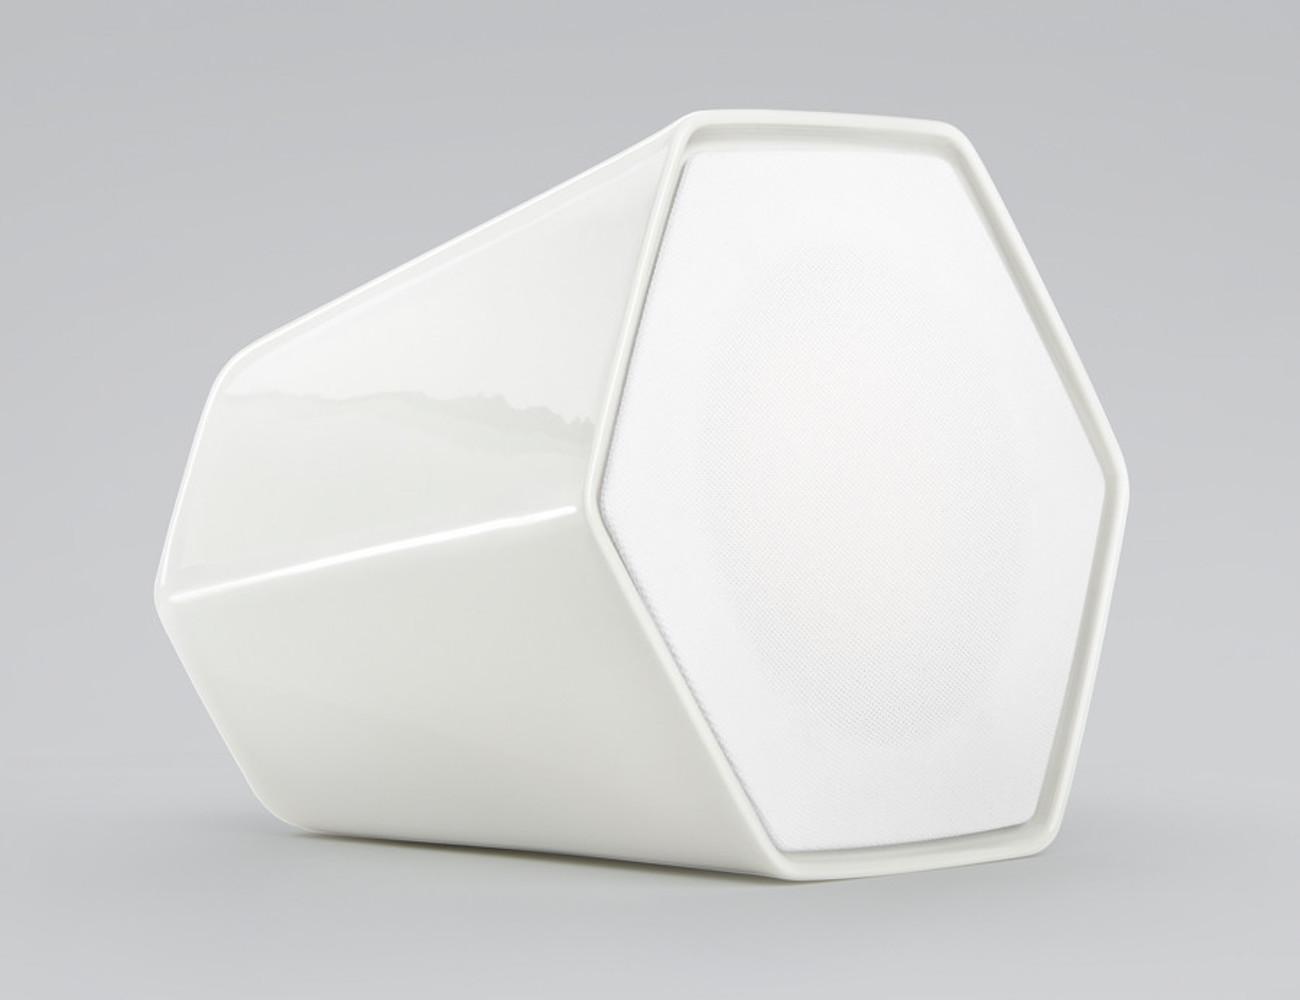 Unmonday Model 4.3 Wireless Speaker